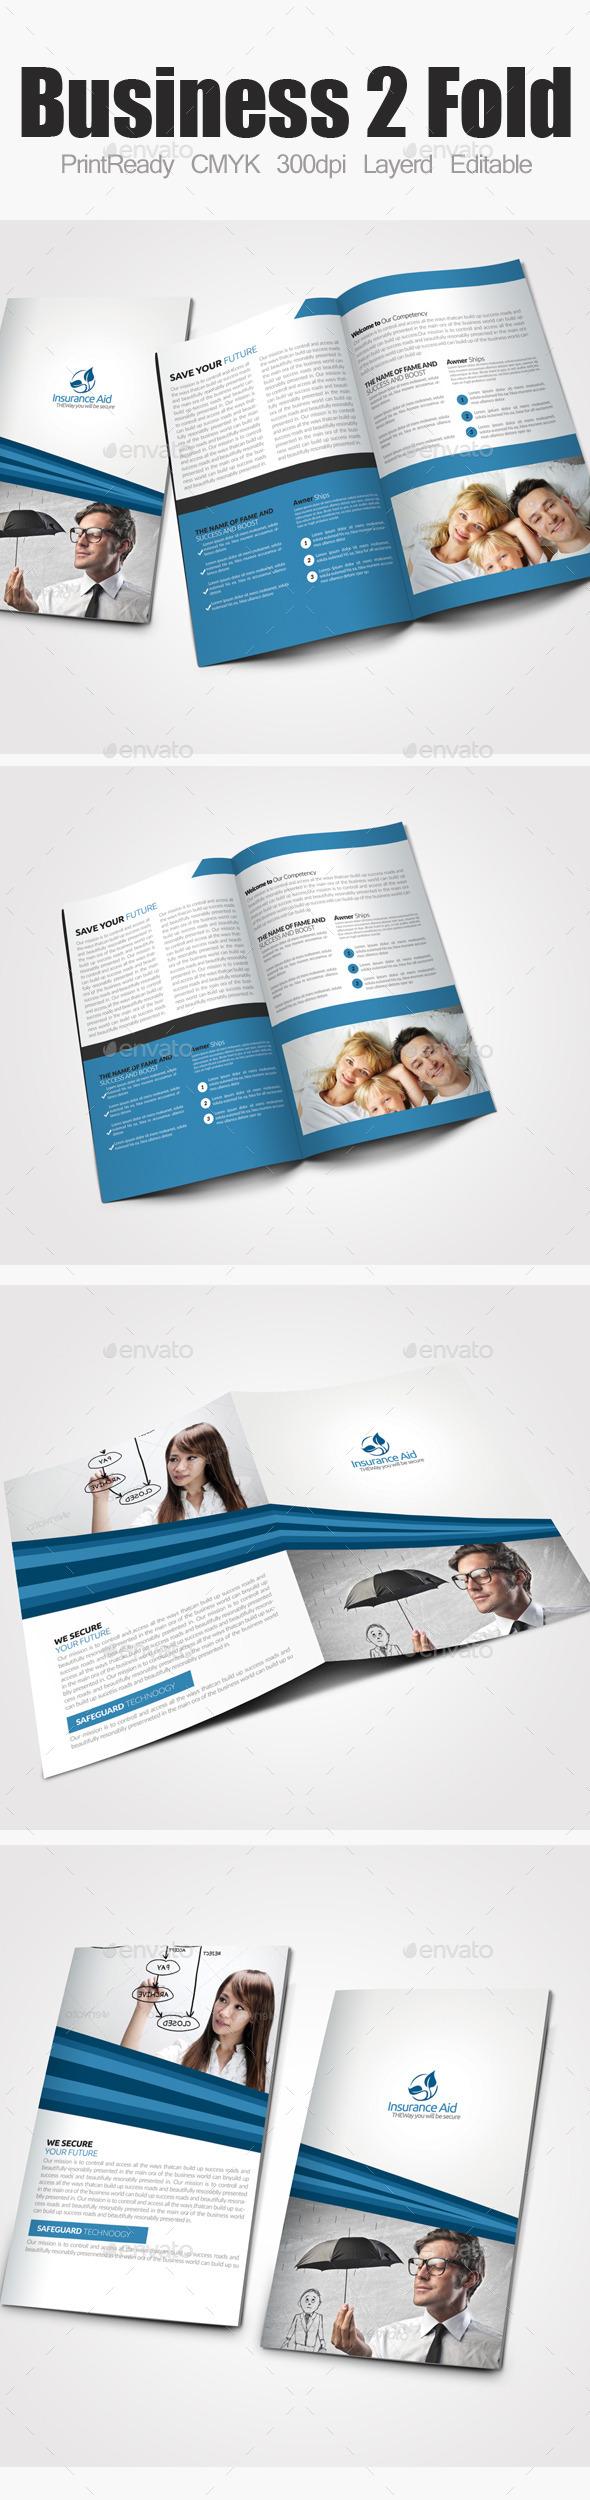 Insurance Corporate Bi Fold Brochure - Corporate Brochures